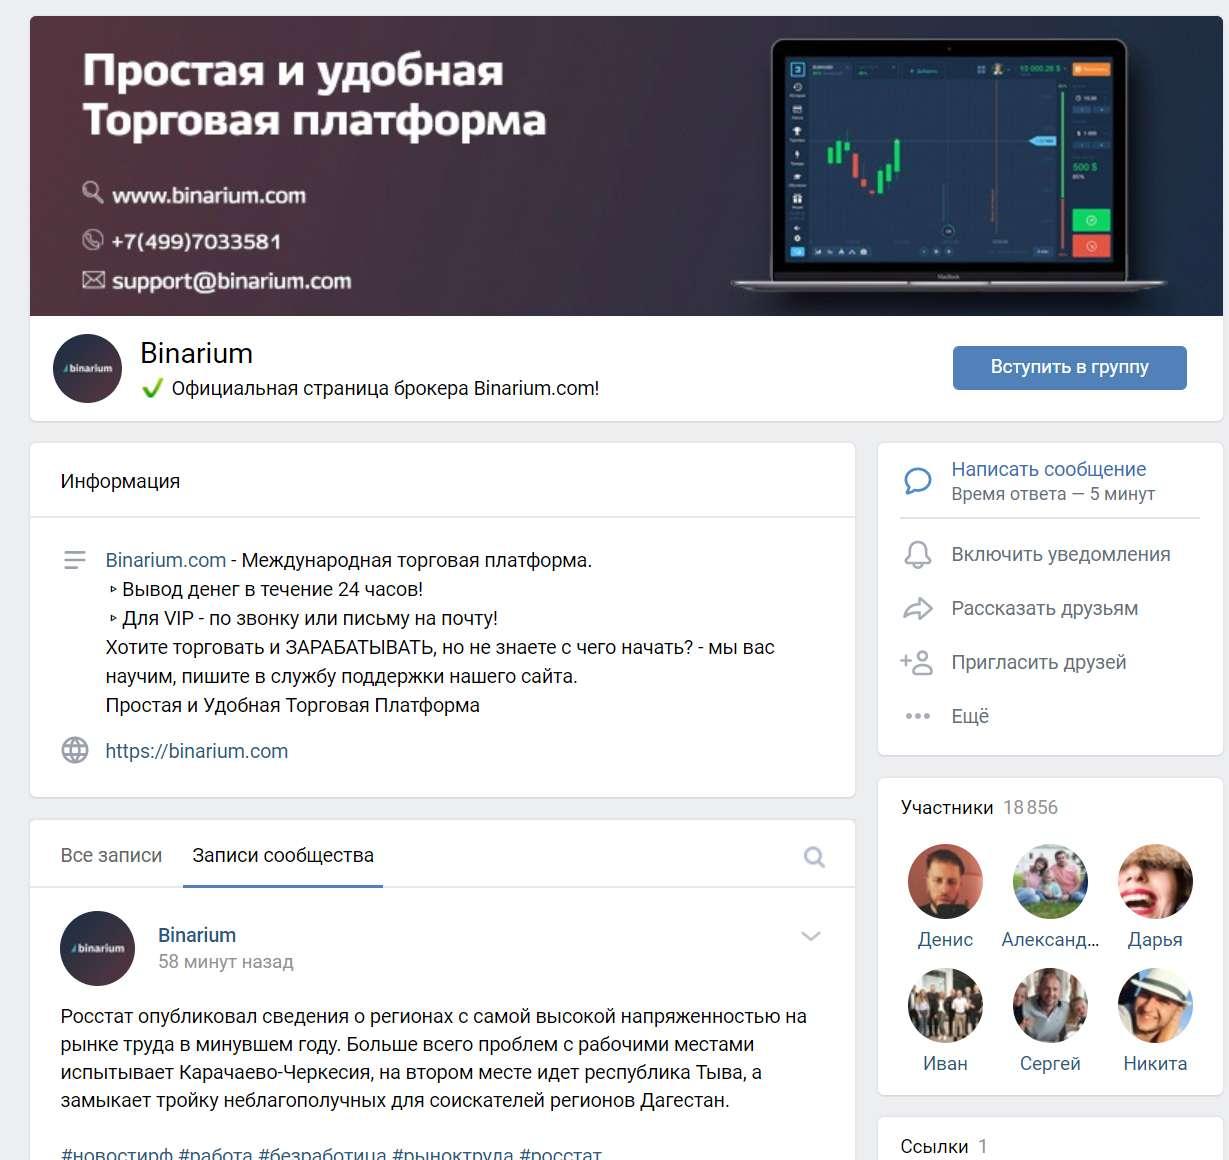 Надежная платформа БИНАРИУМ, описание и перспективы развития на 2020 год